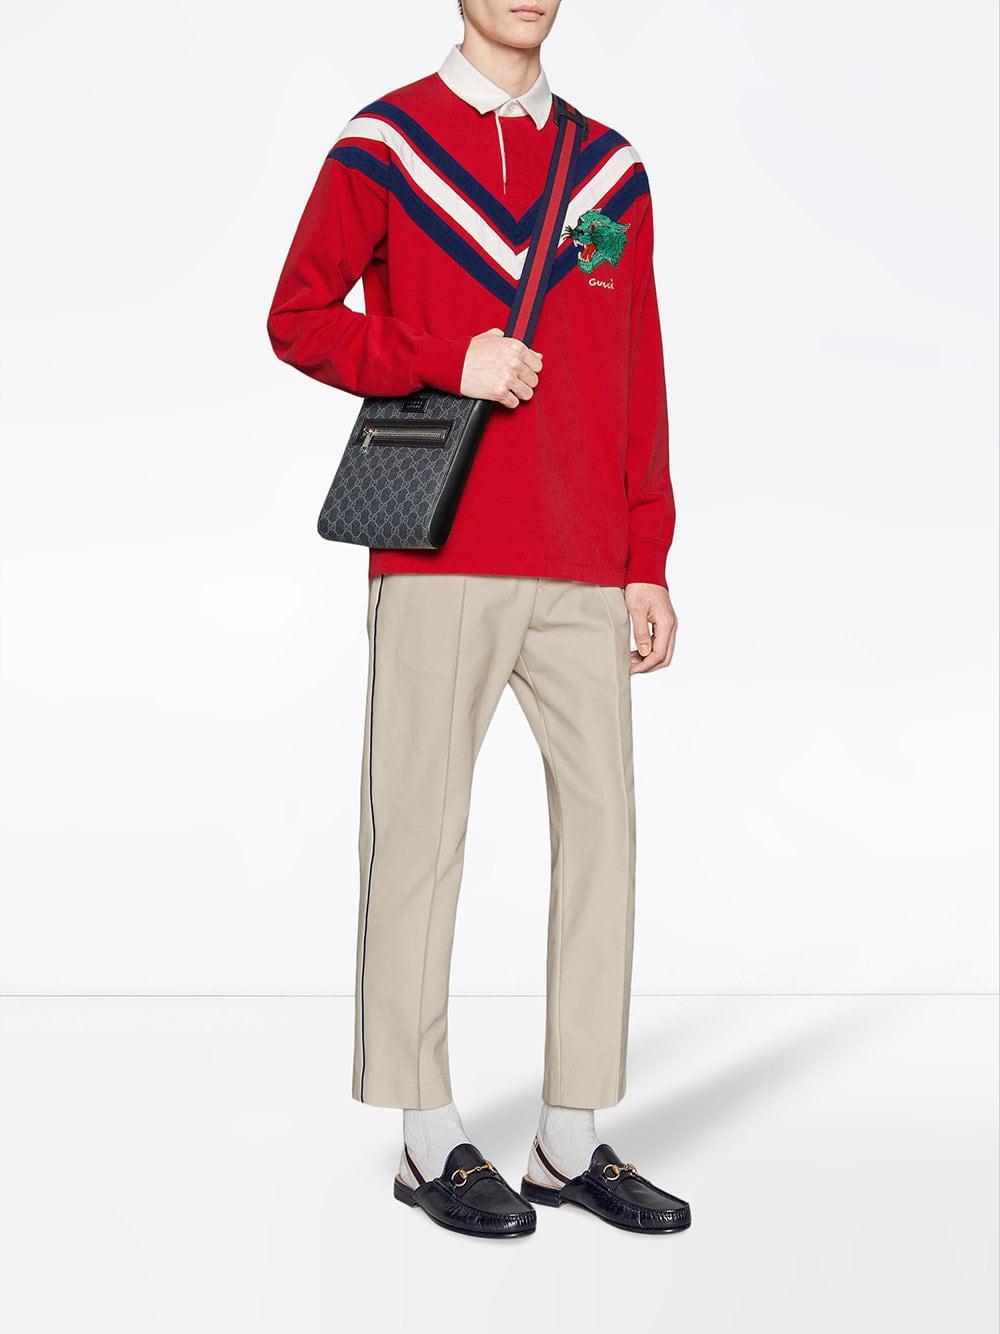 080b0e5470f7 Gucci GG Supreme Small Messenger Bag in Black for Men - Lyst